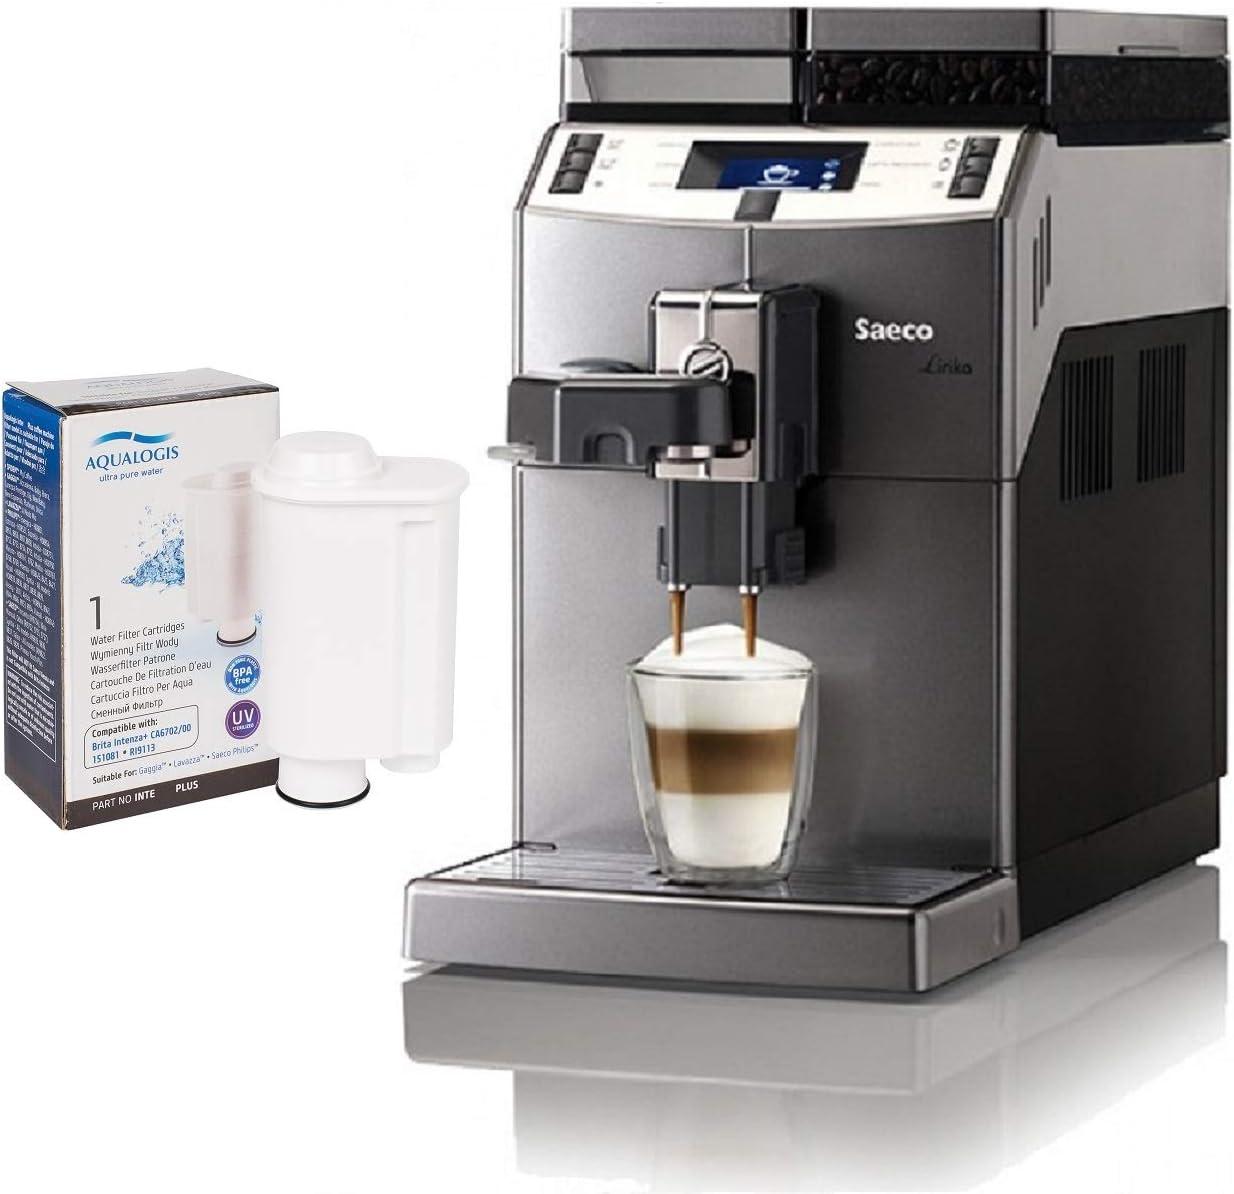 Aqualogis - Filtro de Agua Compatible con Brita Intenza + CA6702/00 151081 RI9113, Saeco, Gaggia y Philips: Amazon.es: Hogar